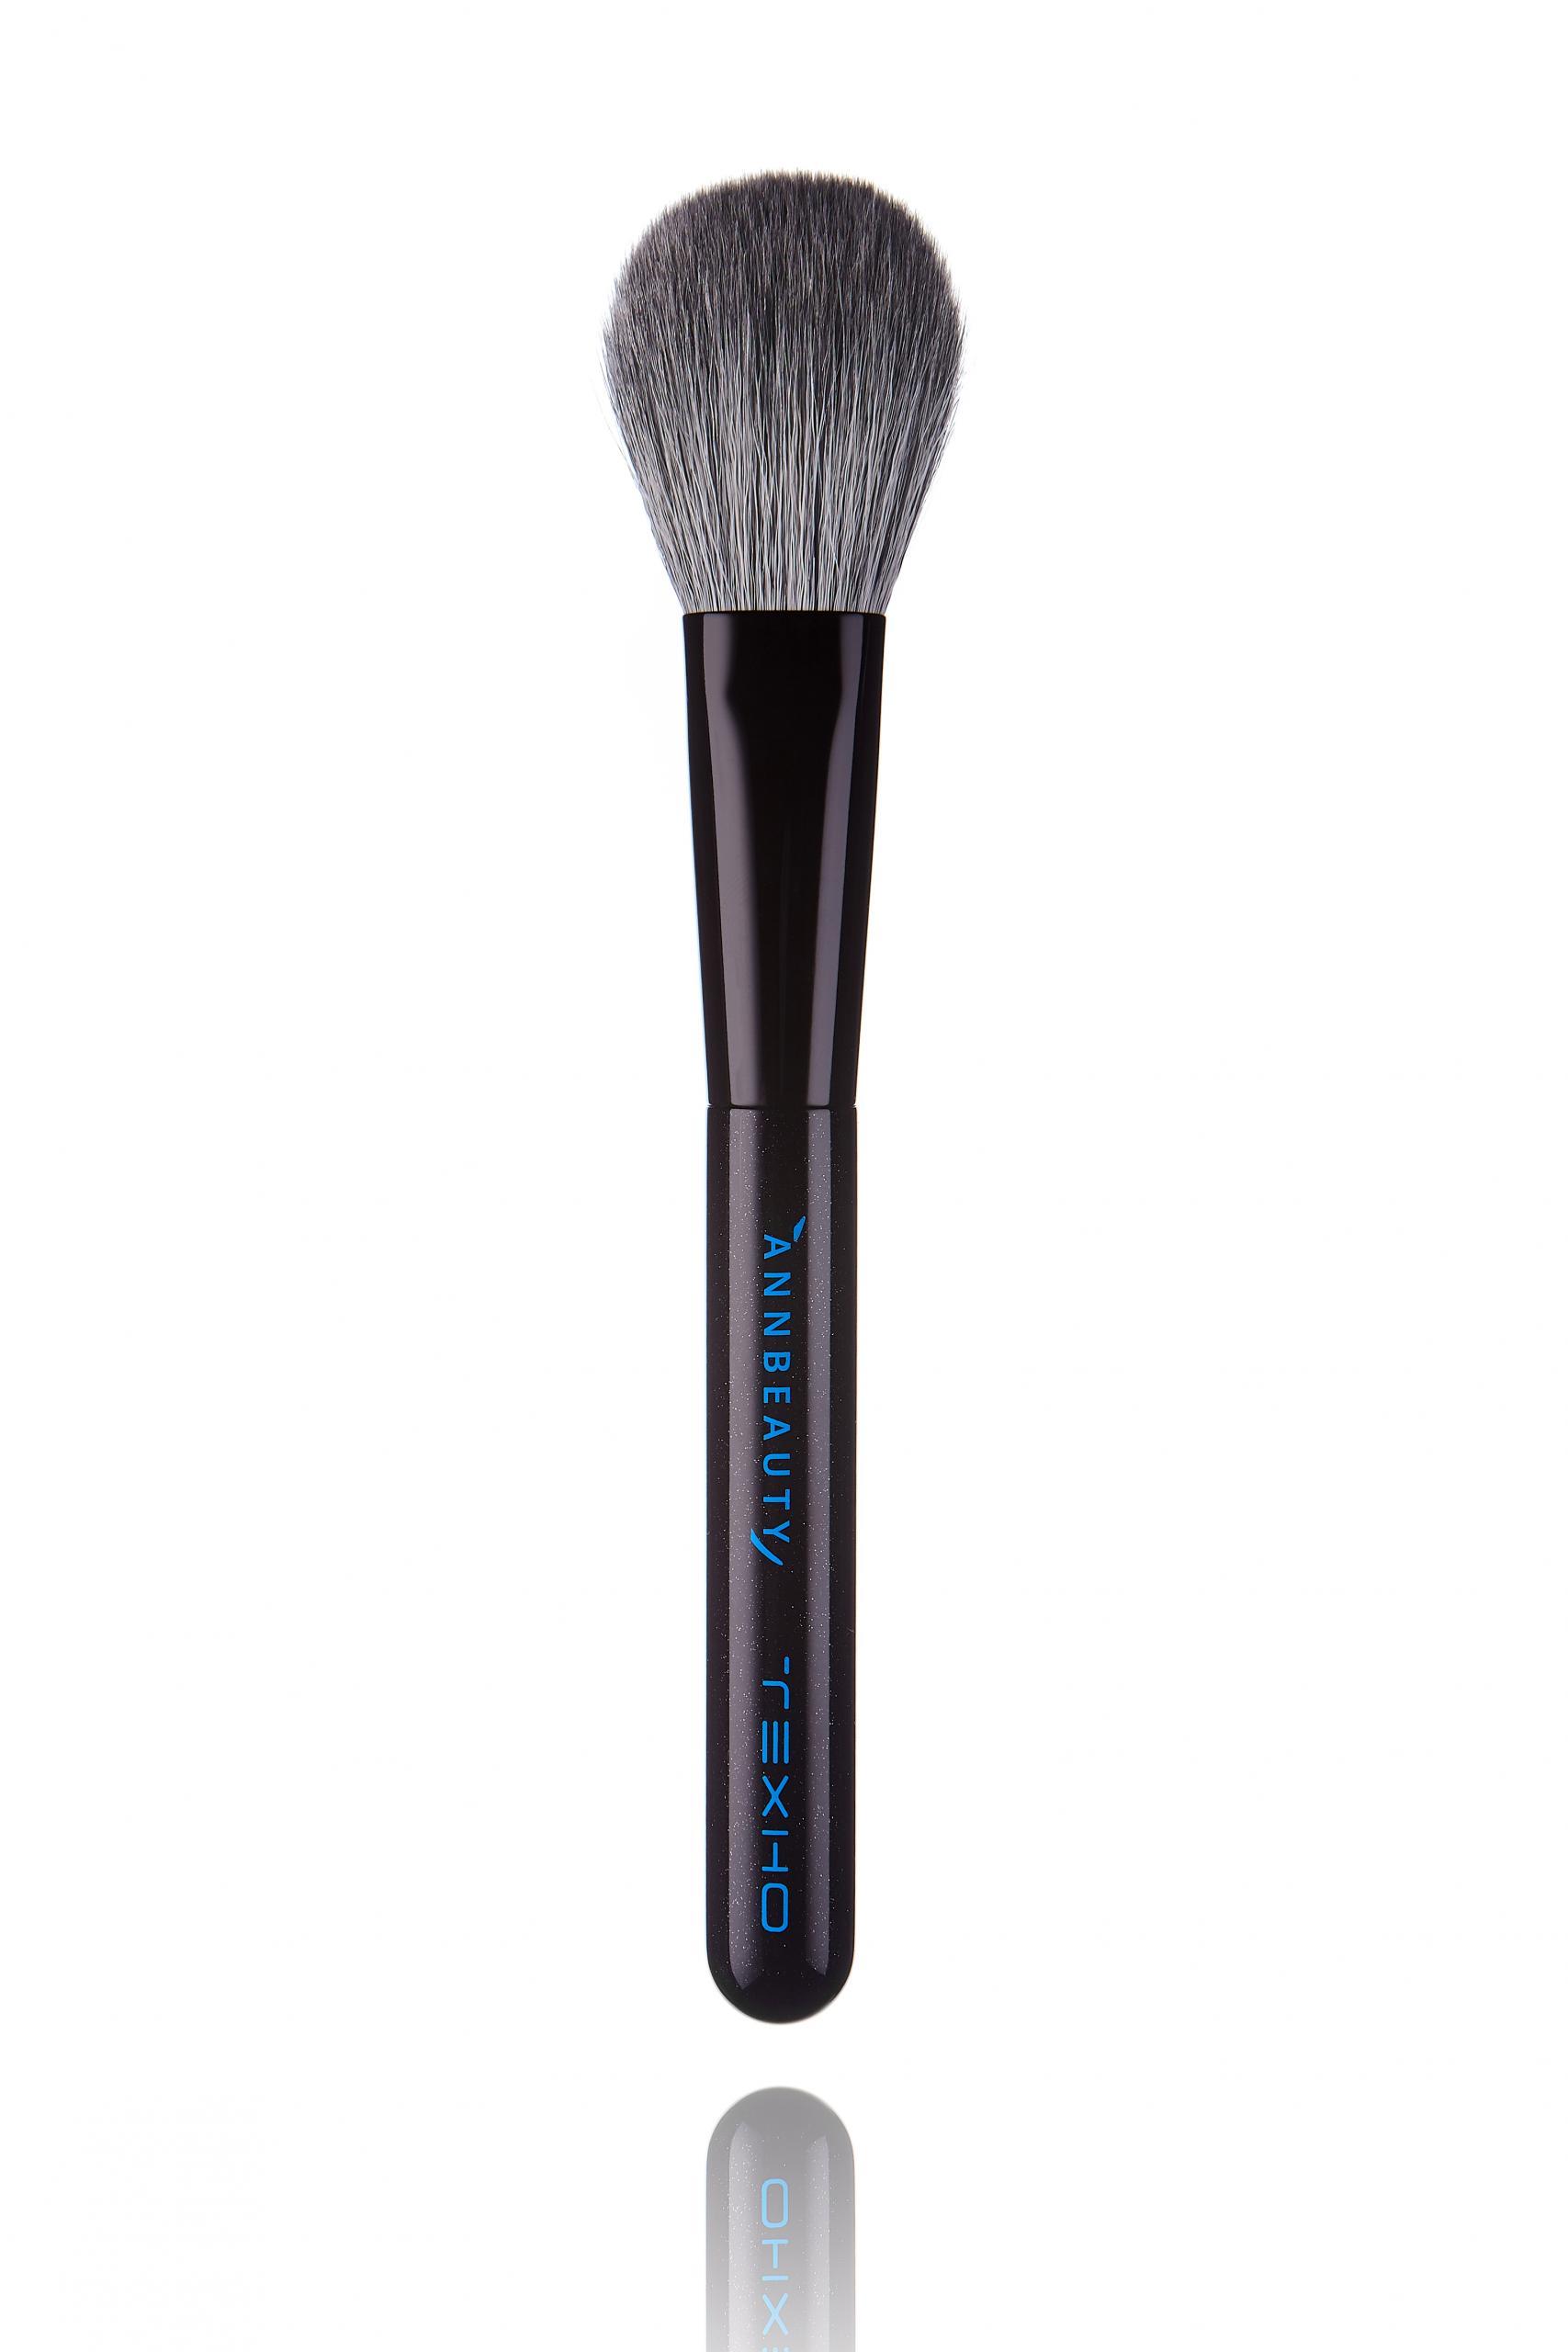 Кисть для сухой и кремовой текстуры румян и пудры Annbeauty T2 - лимитированная коллекция